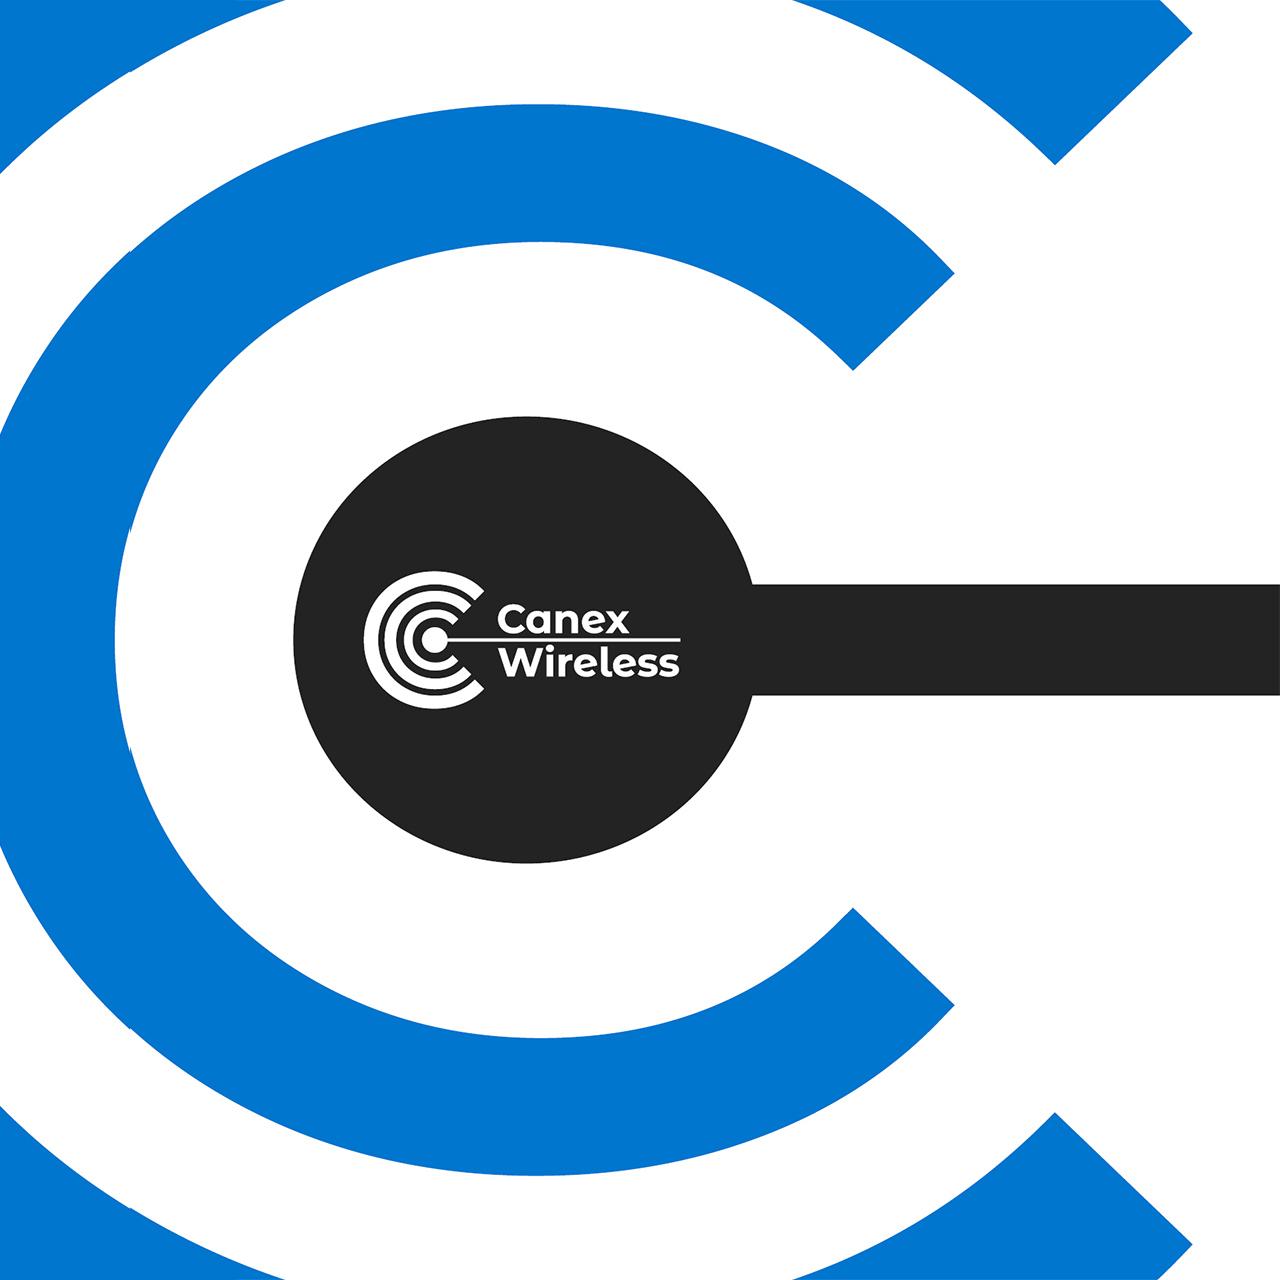 Canex Wireless Brand Identity